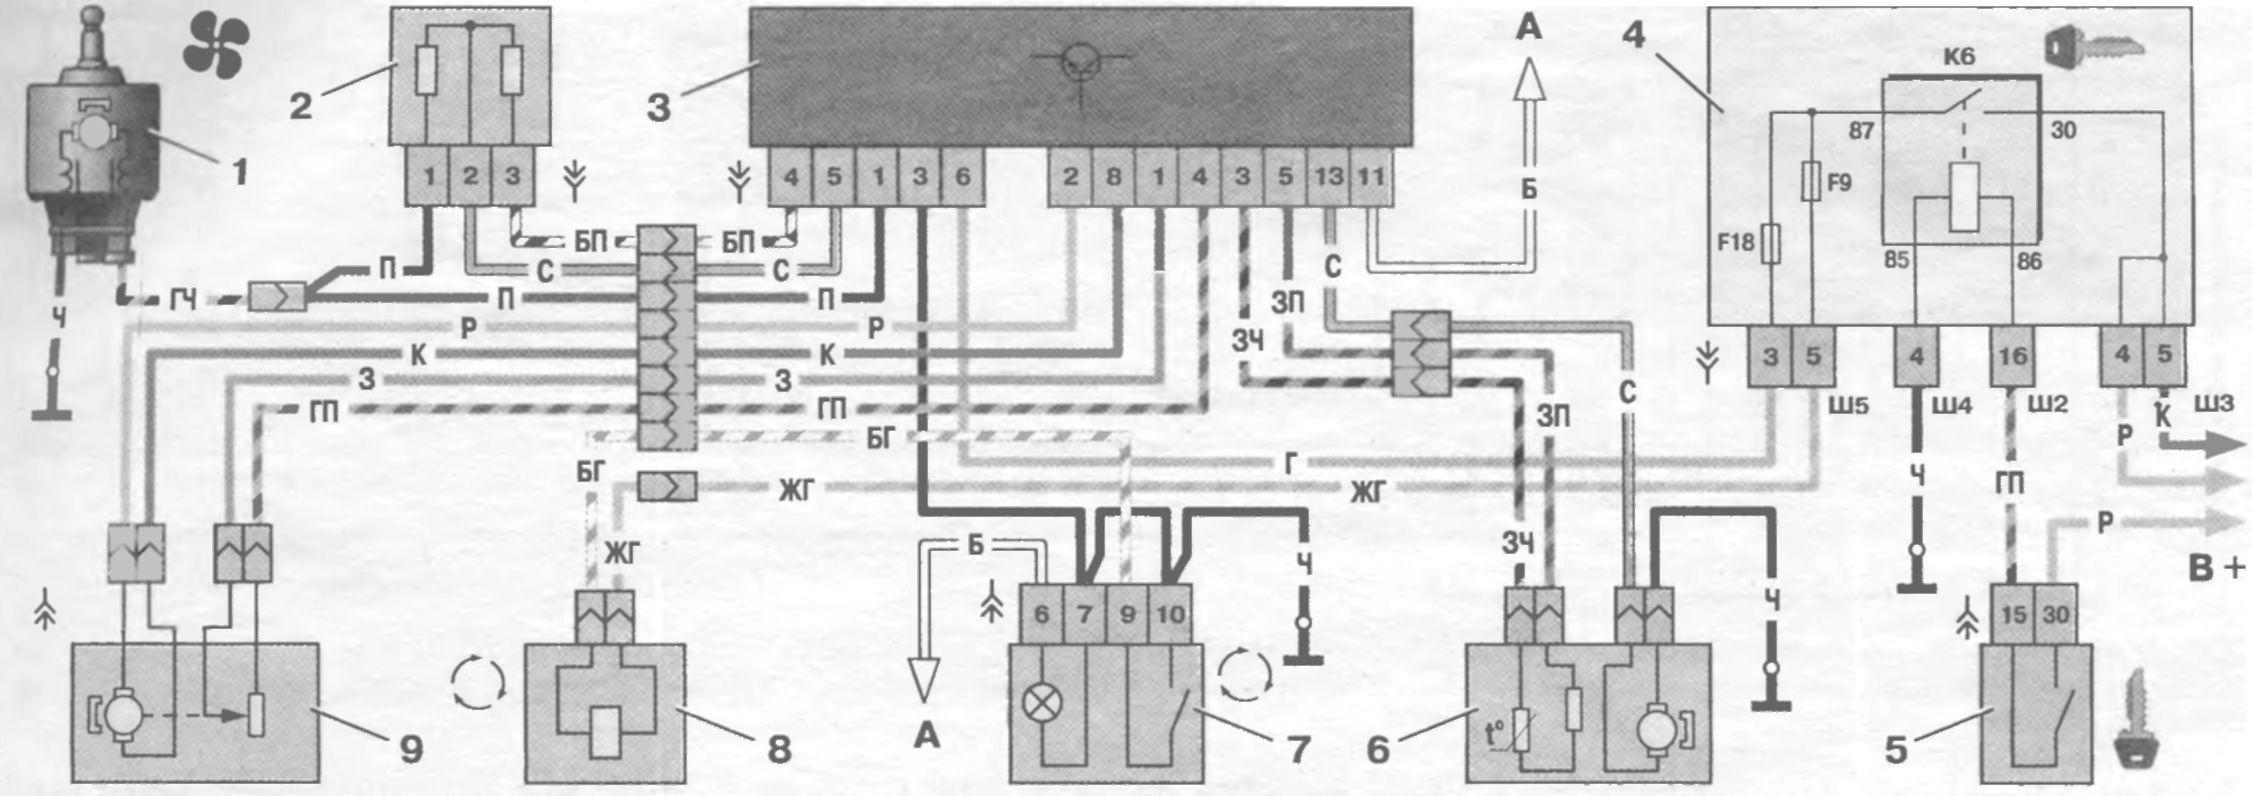 Схема систему управления автоматического управления отопителем 1 - электродвигатель вентилятора; 2 - дополнительный...